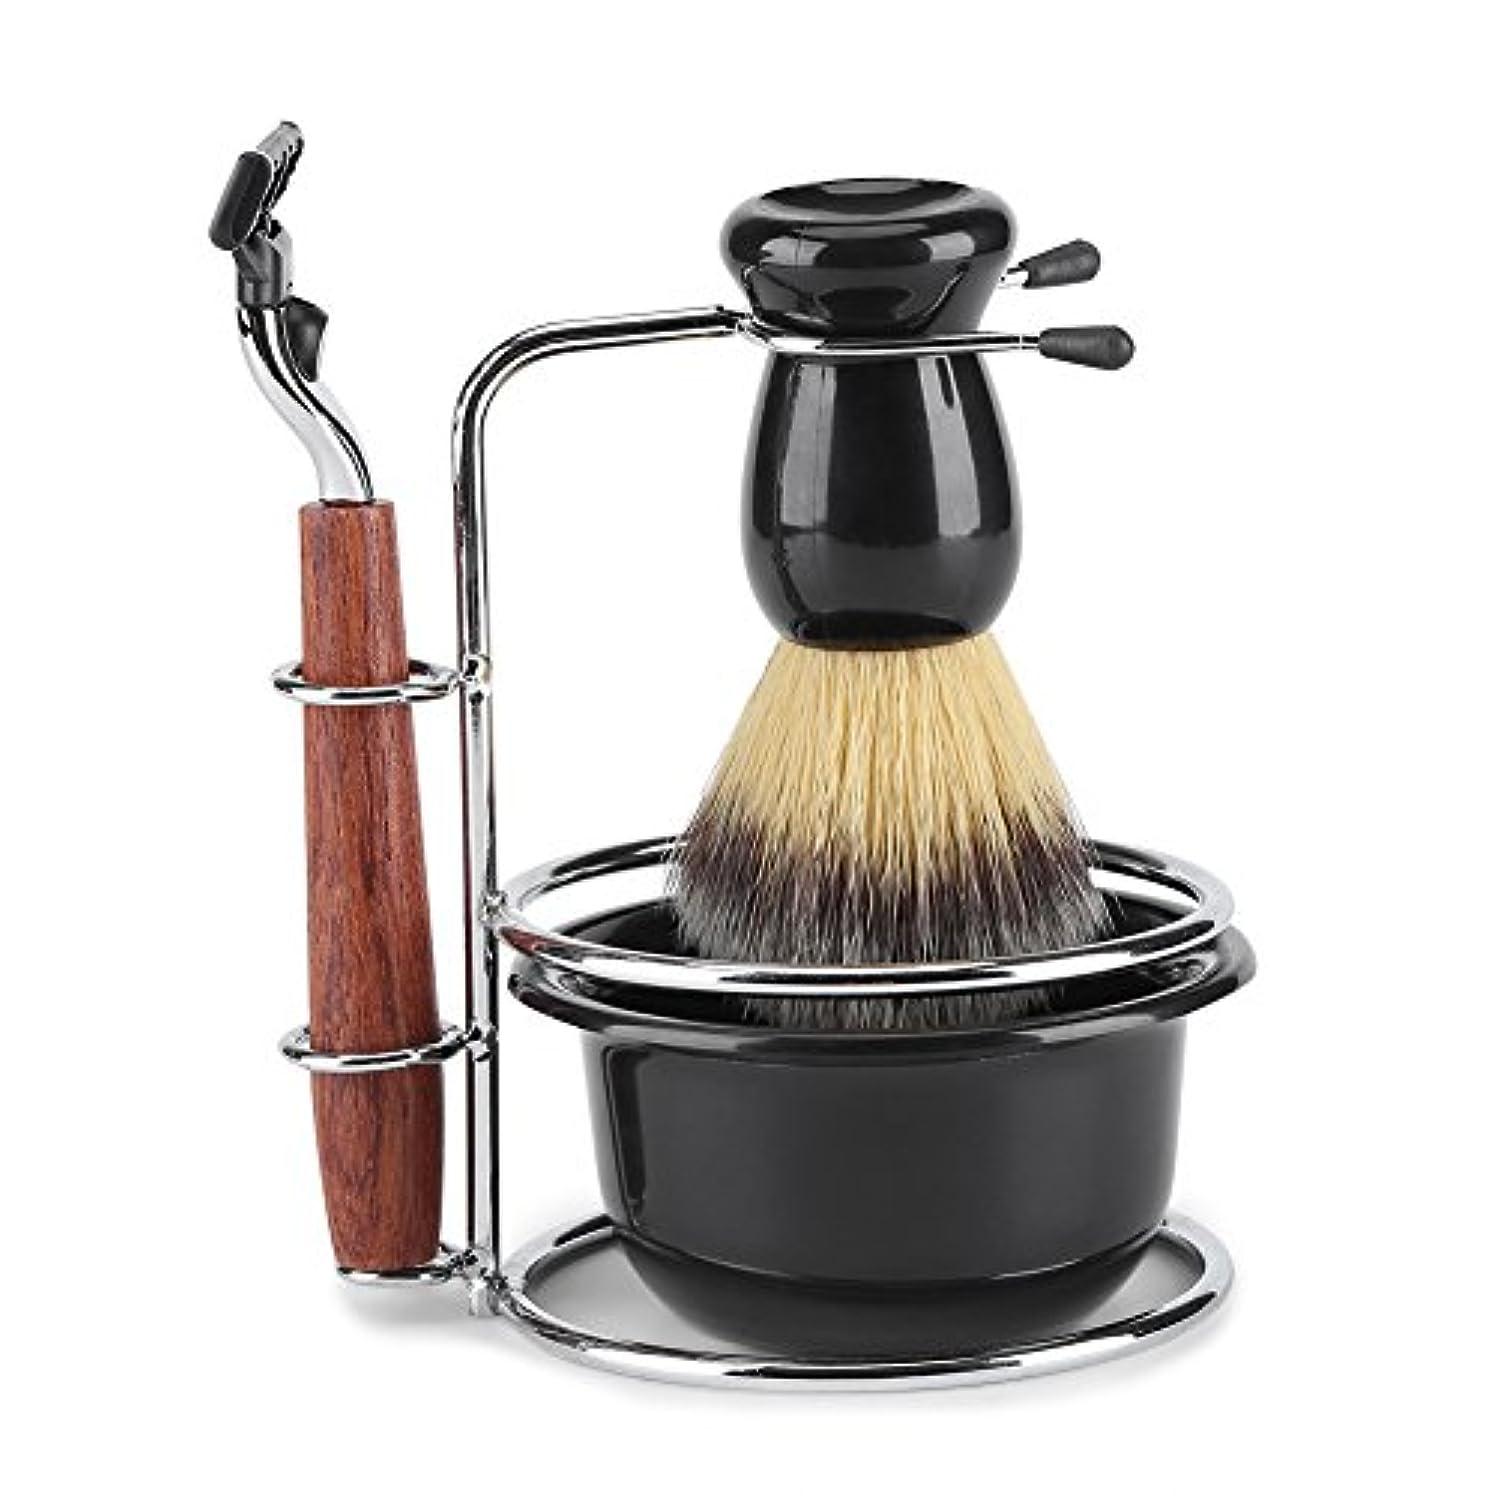 スリップ関連付ける居間Acogedor シェービングセット 高級感満々 おしゃれ 魅力で綺麗 実用で便利 メンズ用髭剃り  ヒゲ剃り (剃刀+ステンレススチールホルダー+ブラシ+ボウル)